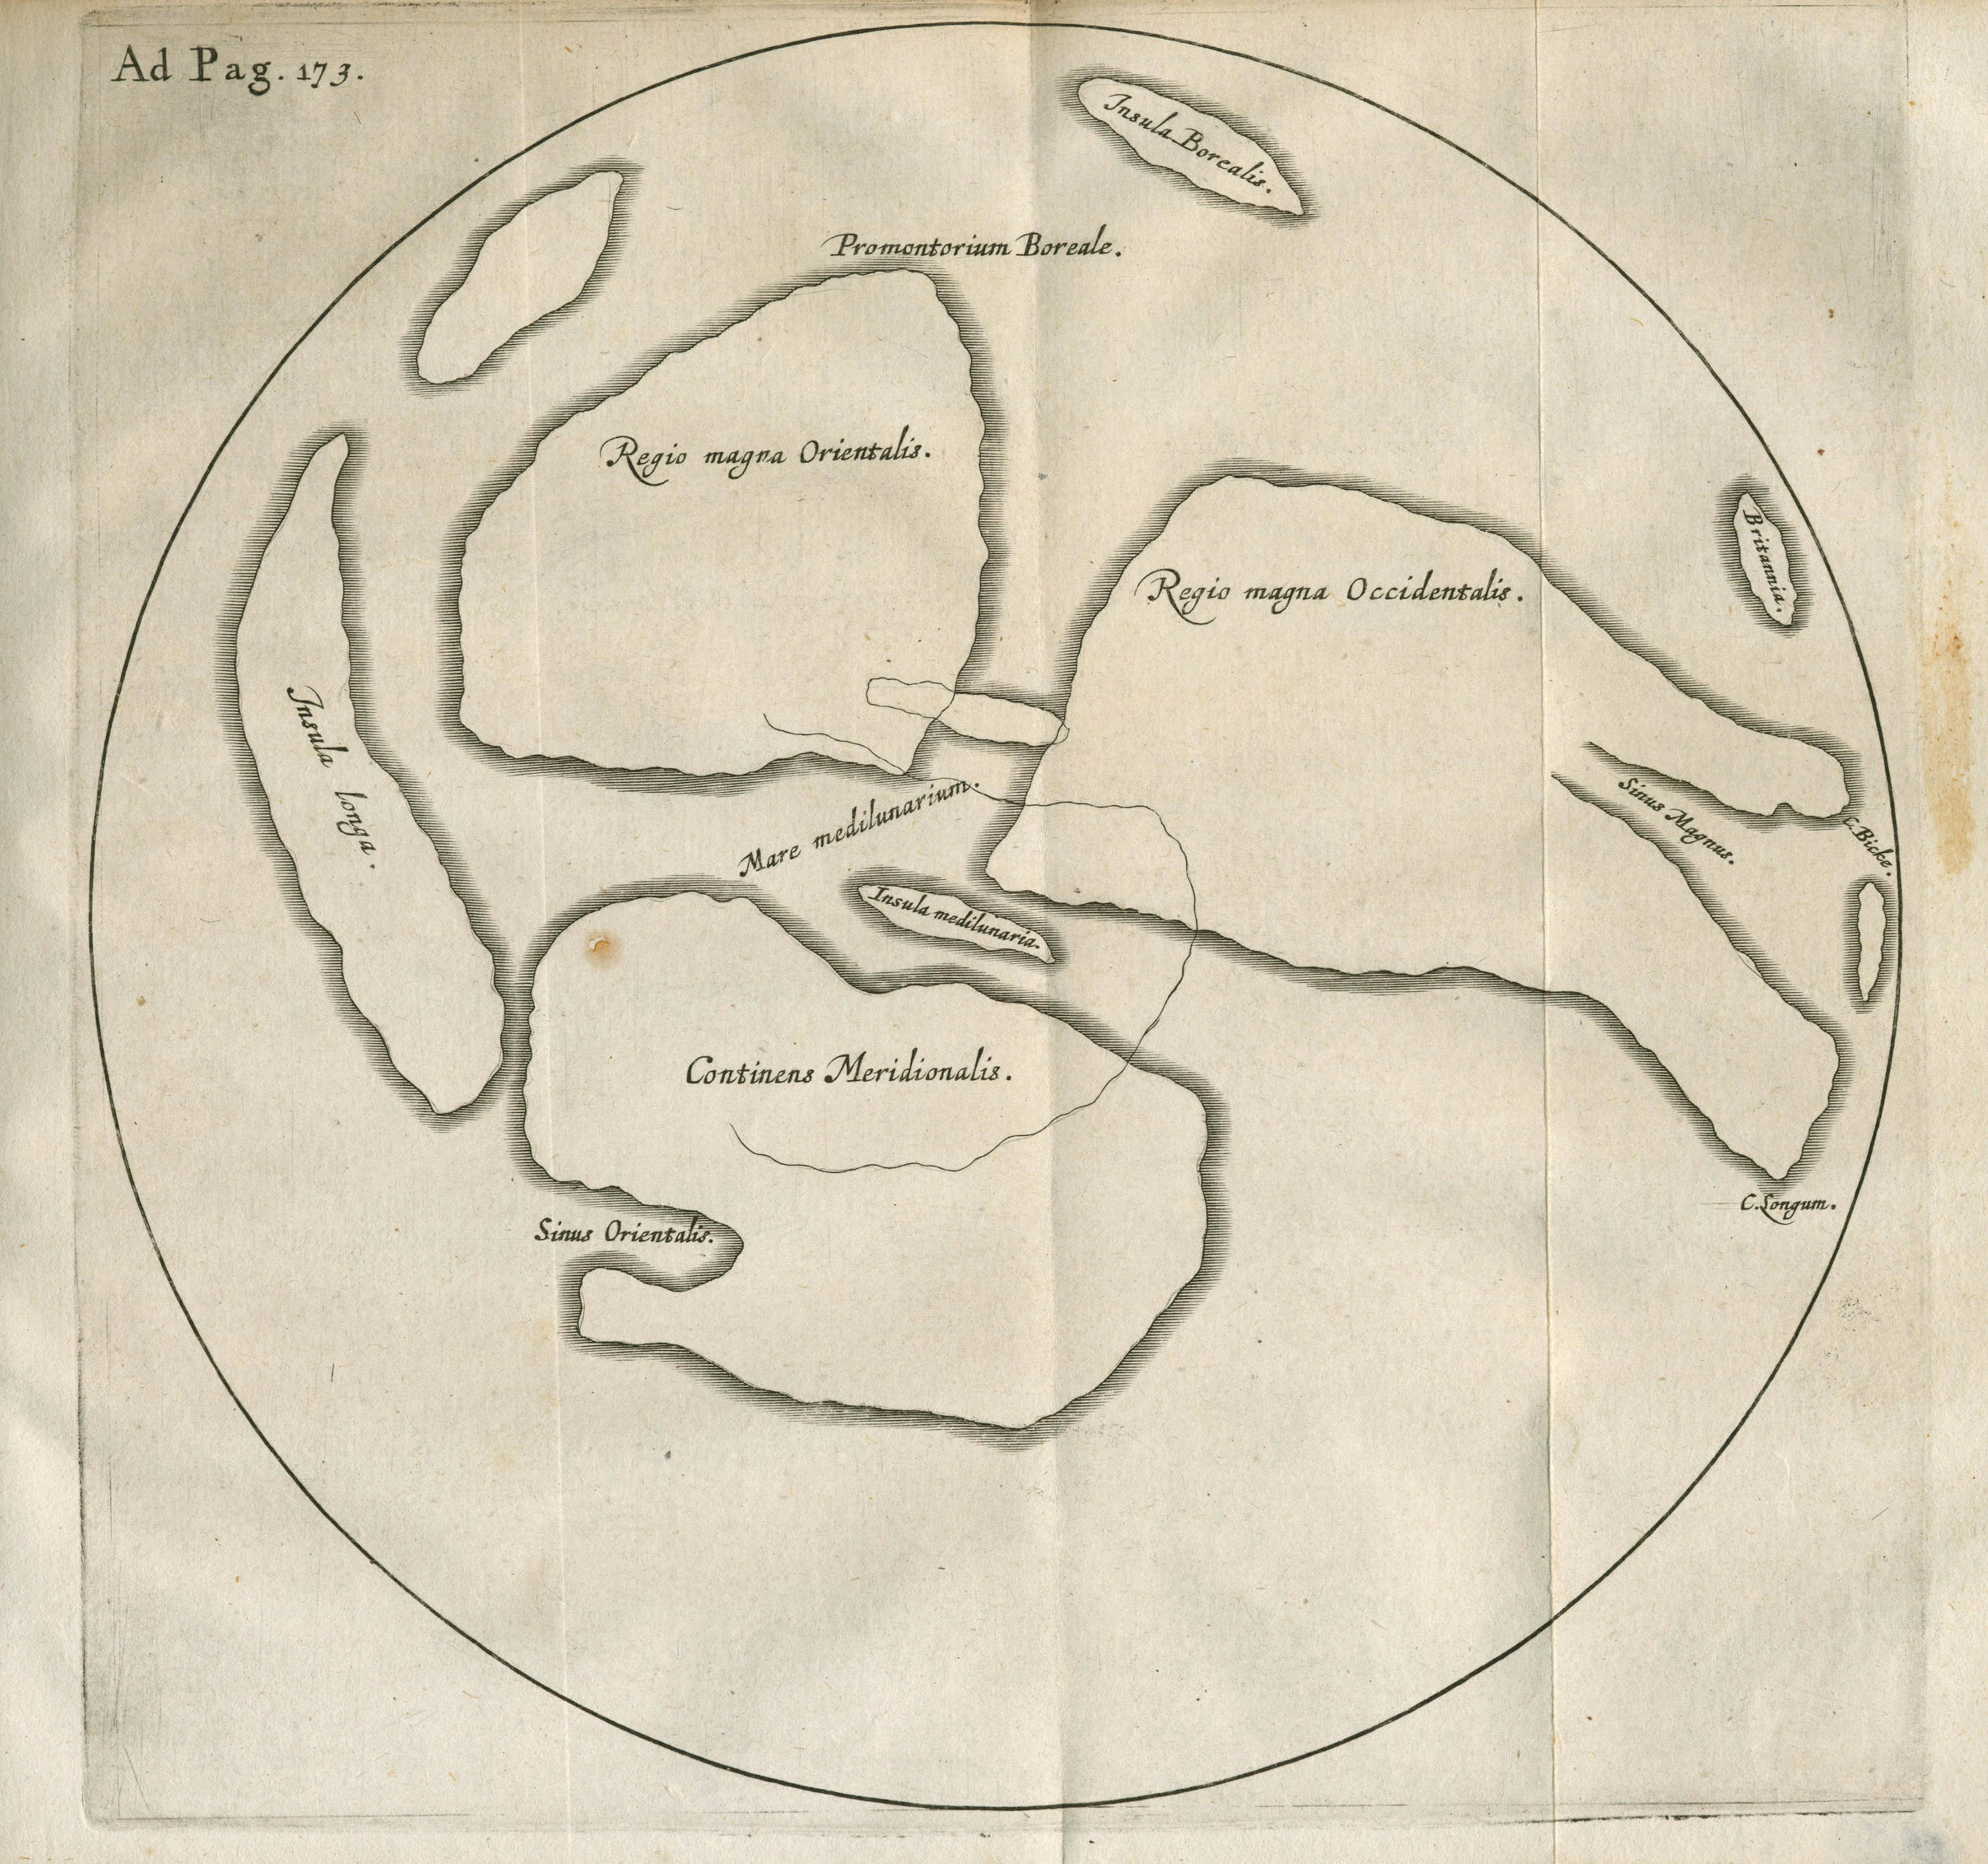 El mapa lunar más antiguo conocido